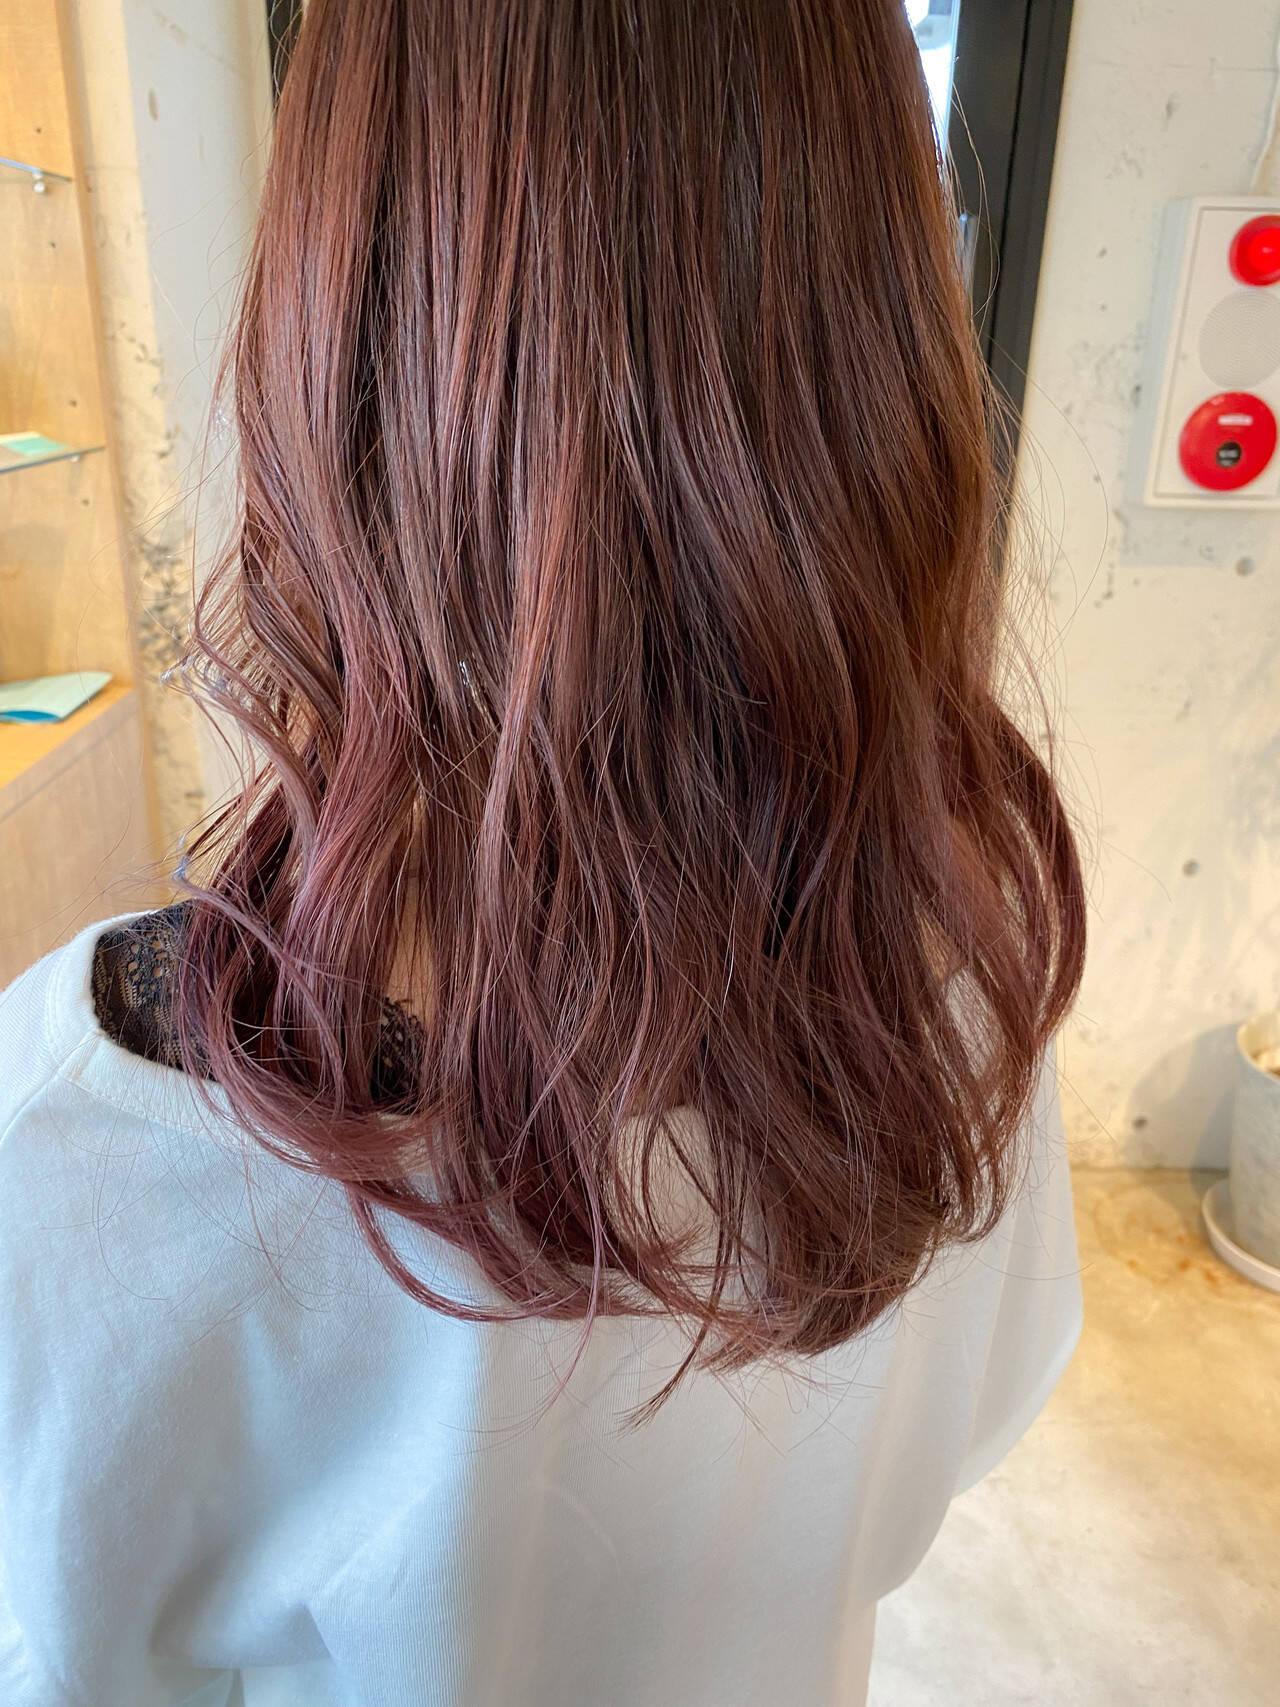 ラベンダーピンク ナチュラル ミディアム ラベンダーカラーヘアスタイルや髪型の写真・画像